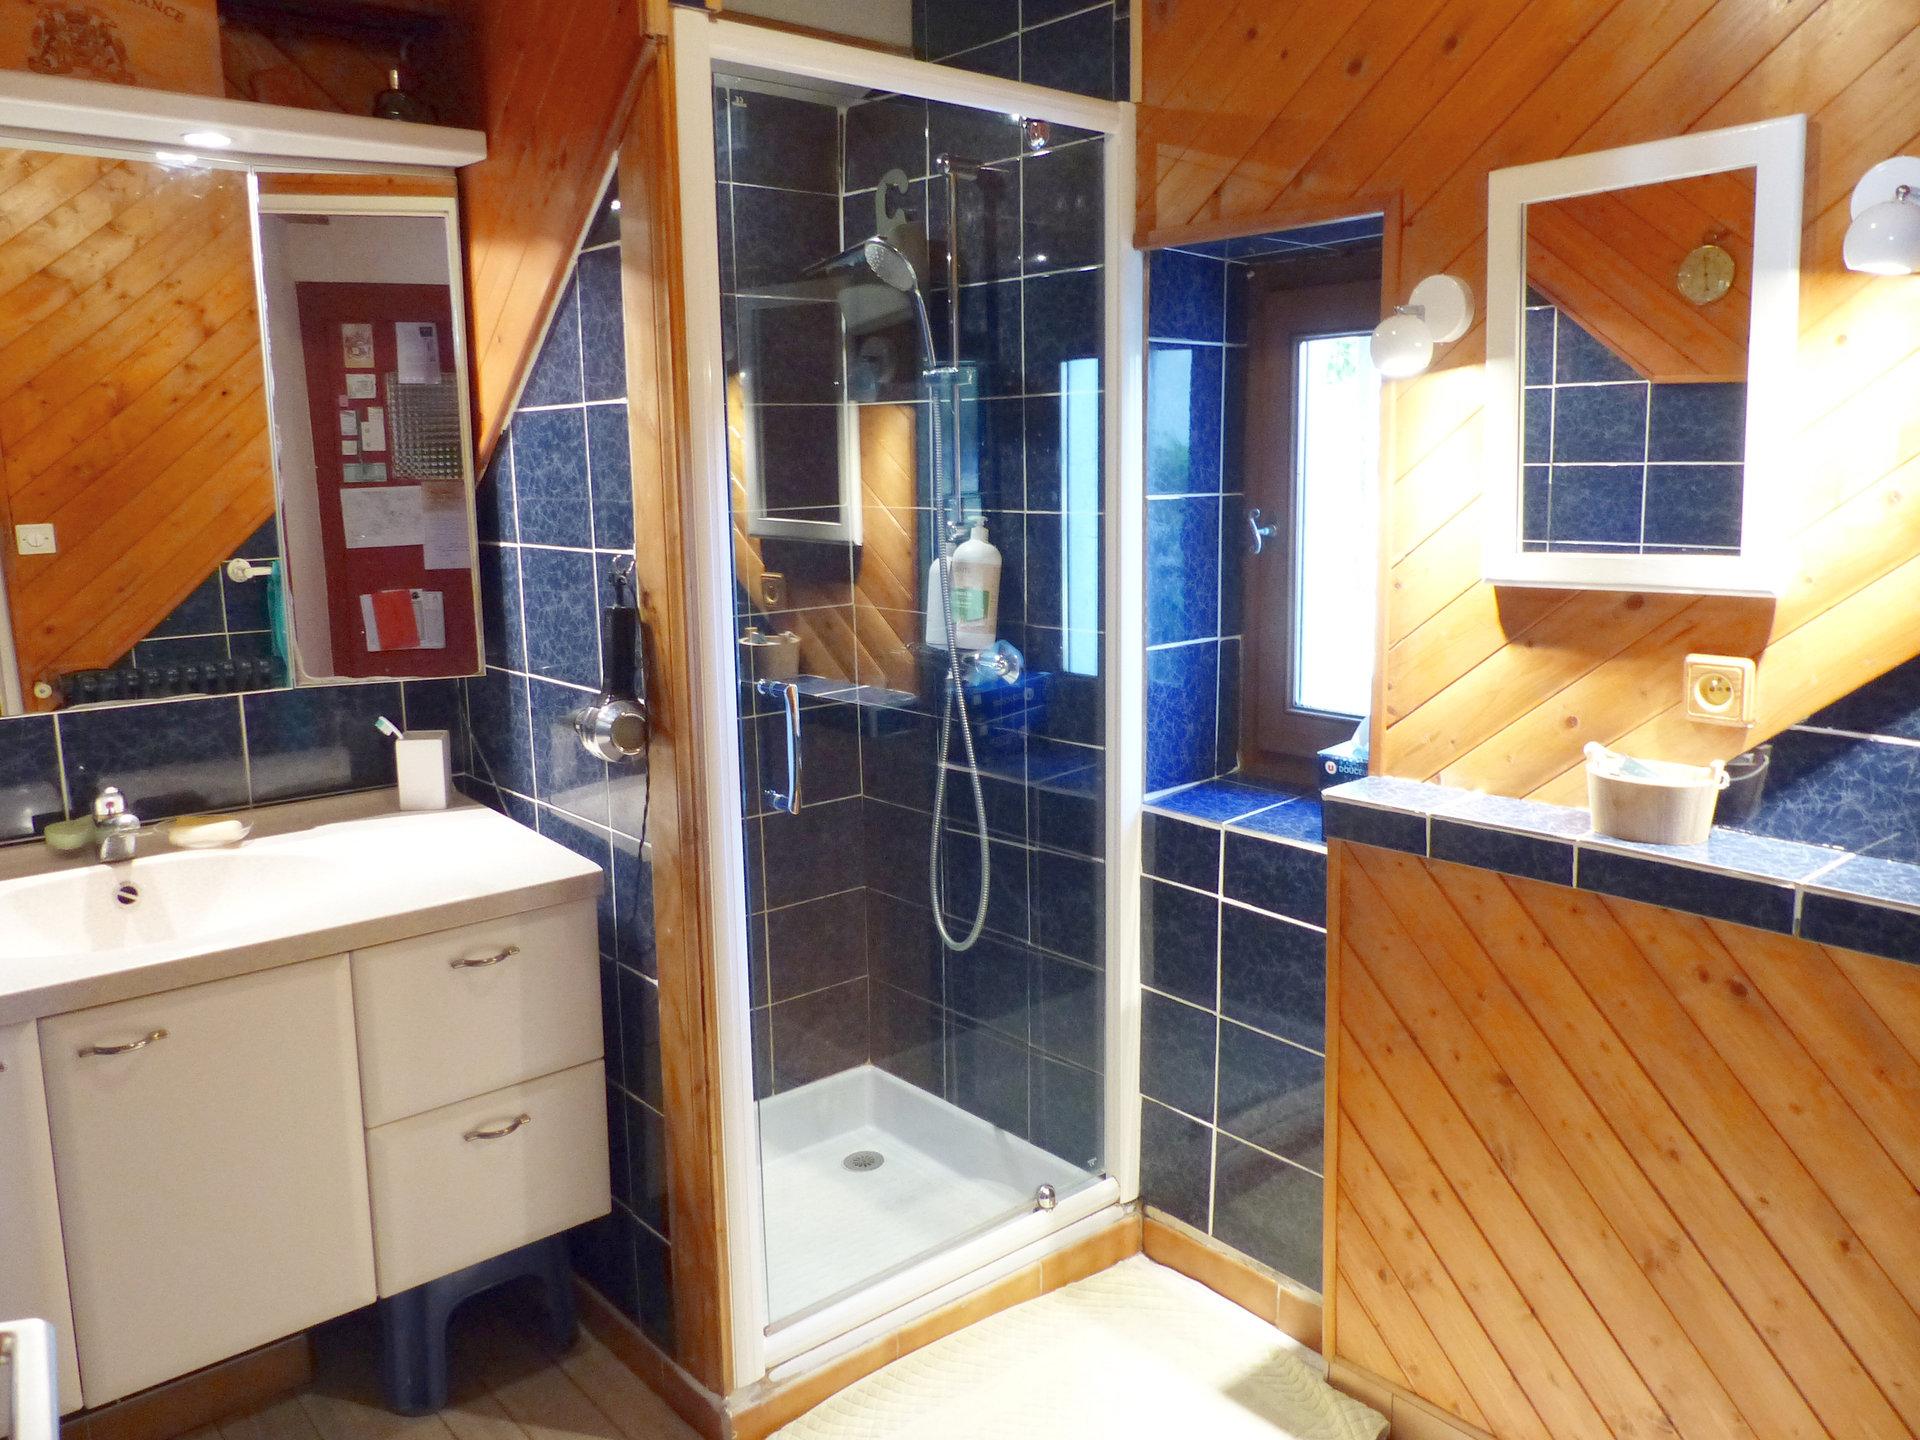 """A 5 min de Mâcon, au calme absolu, venez découvrir cette ferme rénovée offrant une surface habitable de 180 m². Elle dispose au rez-de-chaussée d'un bel espace salon, d'une vaste cuisine équipée avec sa salle à manger, d""""une buanderie, d'une salle d'eau ainsi que d'un toilette. A l'étage, vous trouverez trois grandes chambres, une salle de bains, un toilette, ainsi qu'une pièce de 47 m² pouvant être aménagée selon vos besoins. Cette maison soigneusement entretenue saura vous séduire par son charme et ses volumes. Elle est implantée sur un terrain clos et arboré de 2400 m² avec piscine et dépendances. Honoraires à la charge du vendeur."""